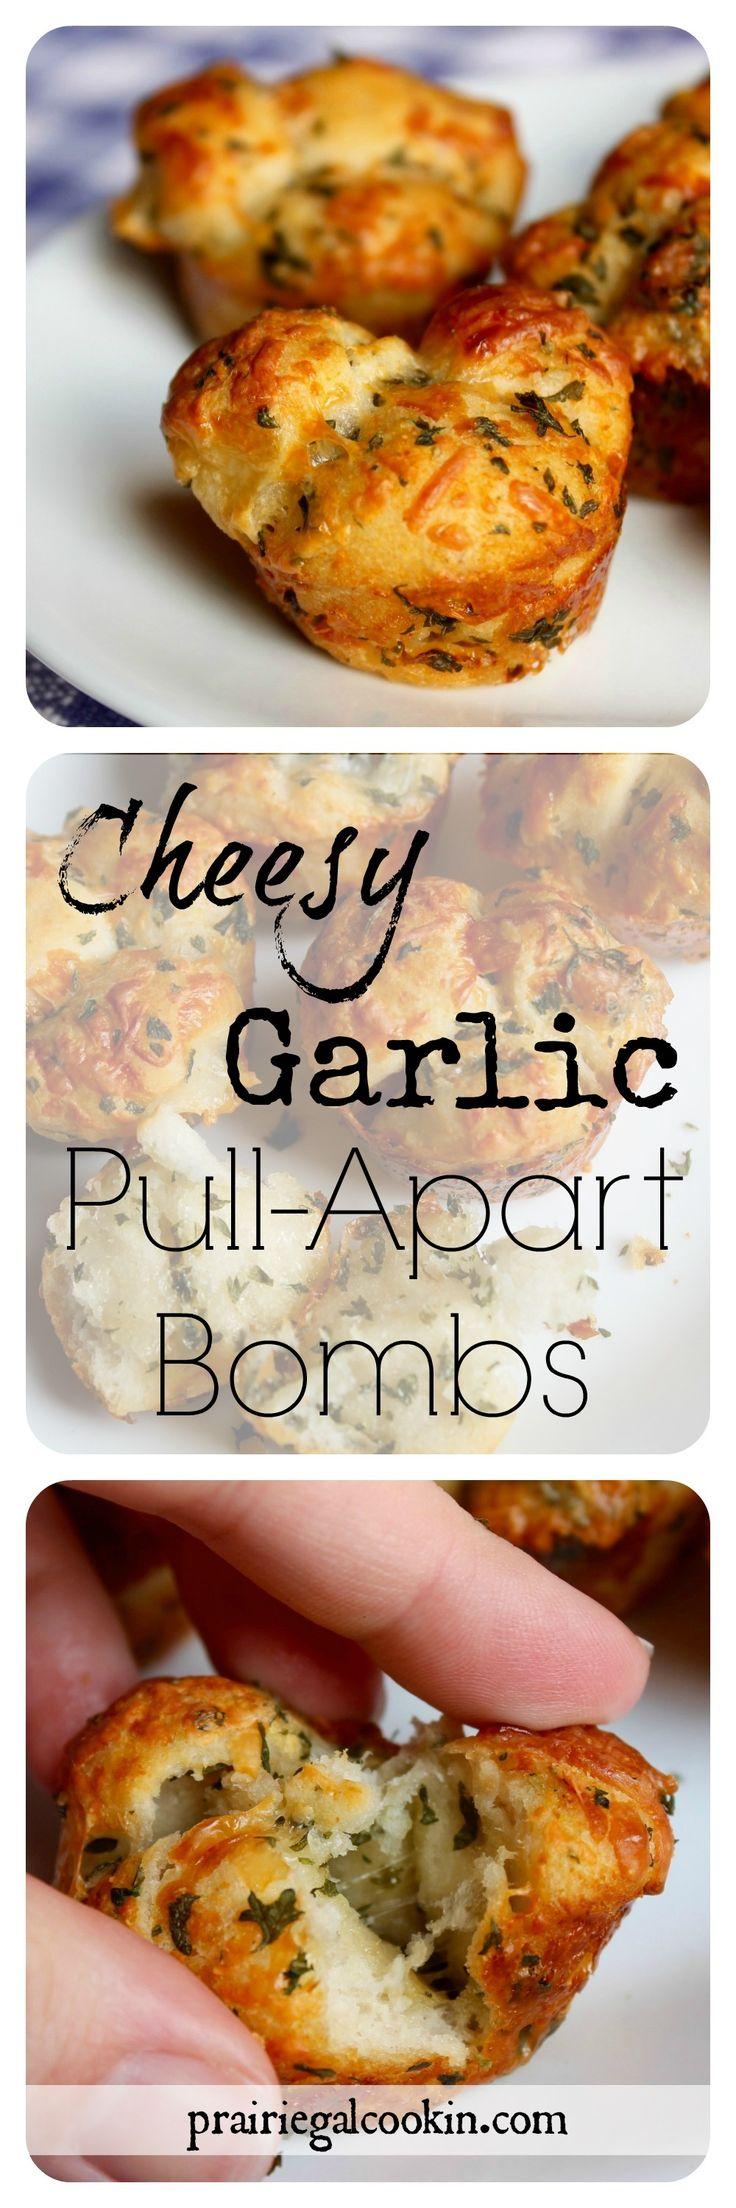 Cheesy Garlic Pull-Apart Bombs - Prairie Gal Cookin'  #cheese #garlic